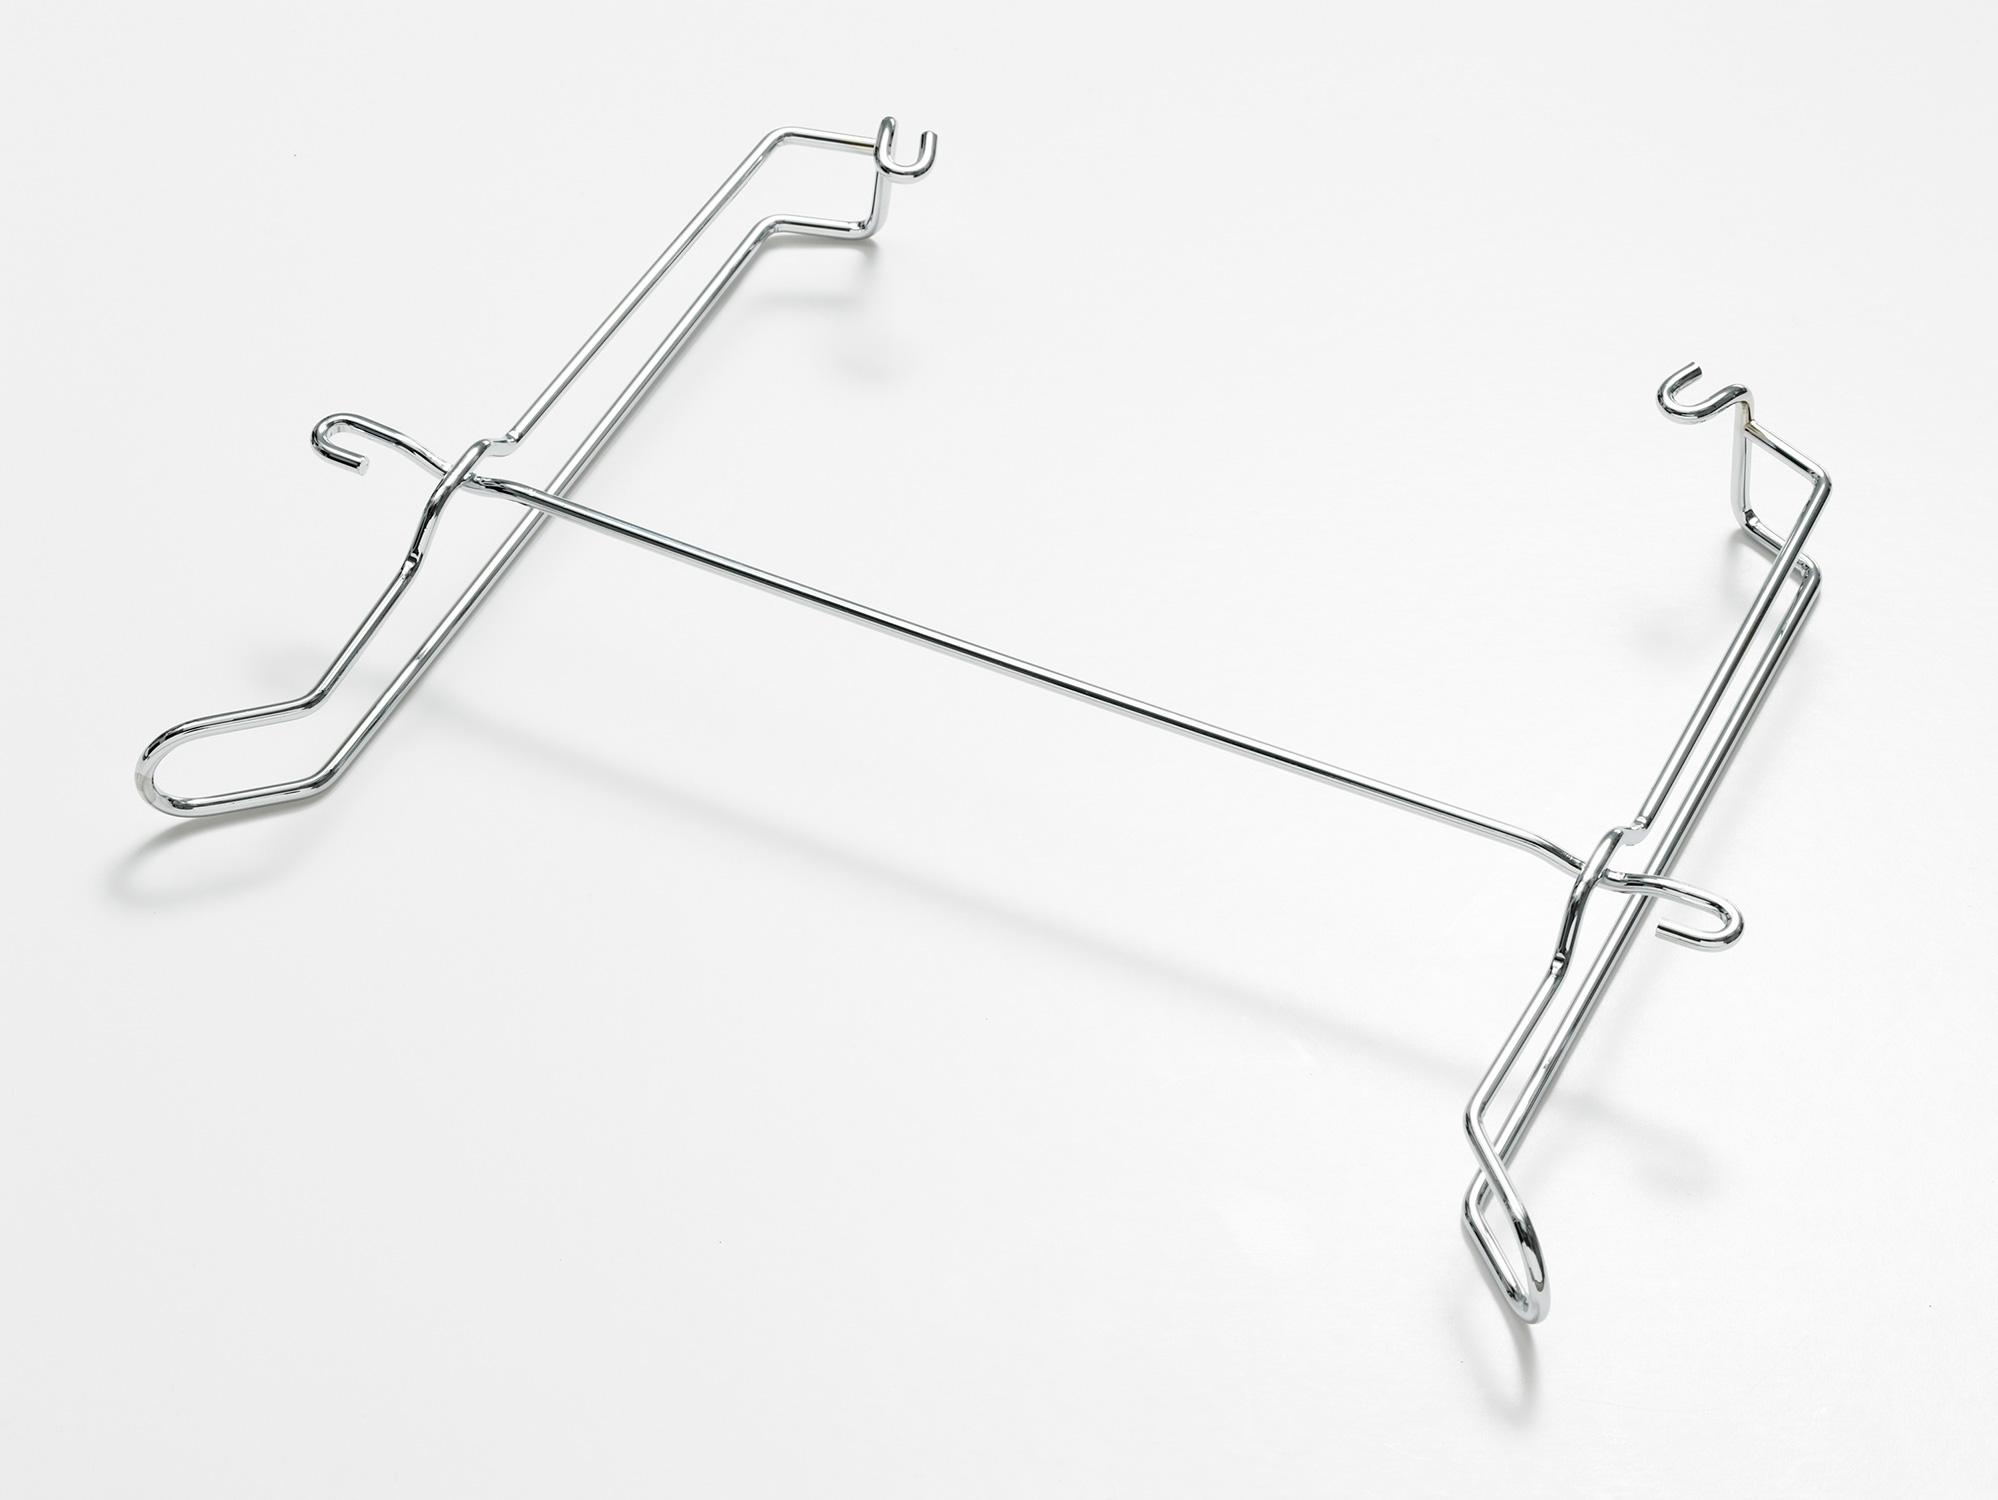 Chair-suspension_danerka.jpg